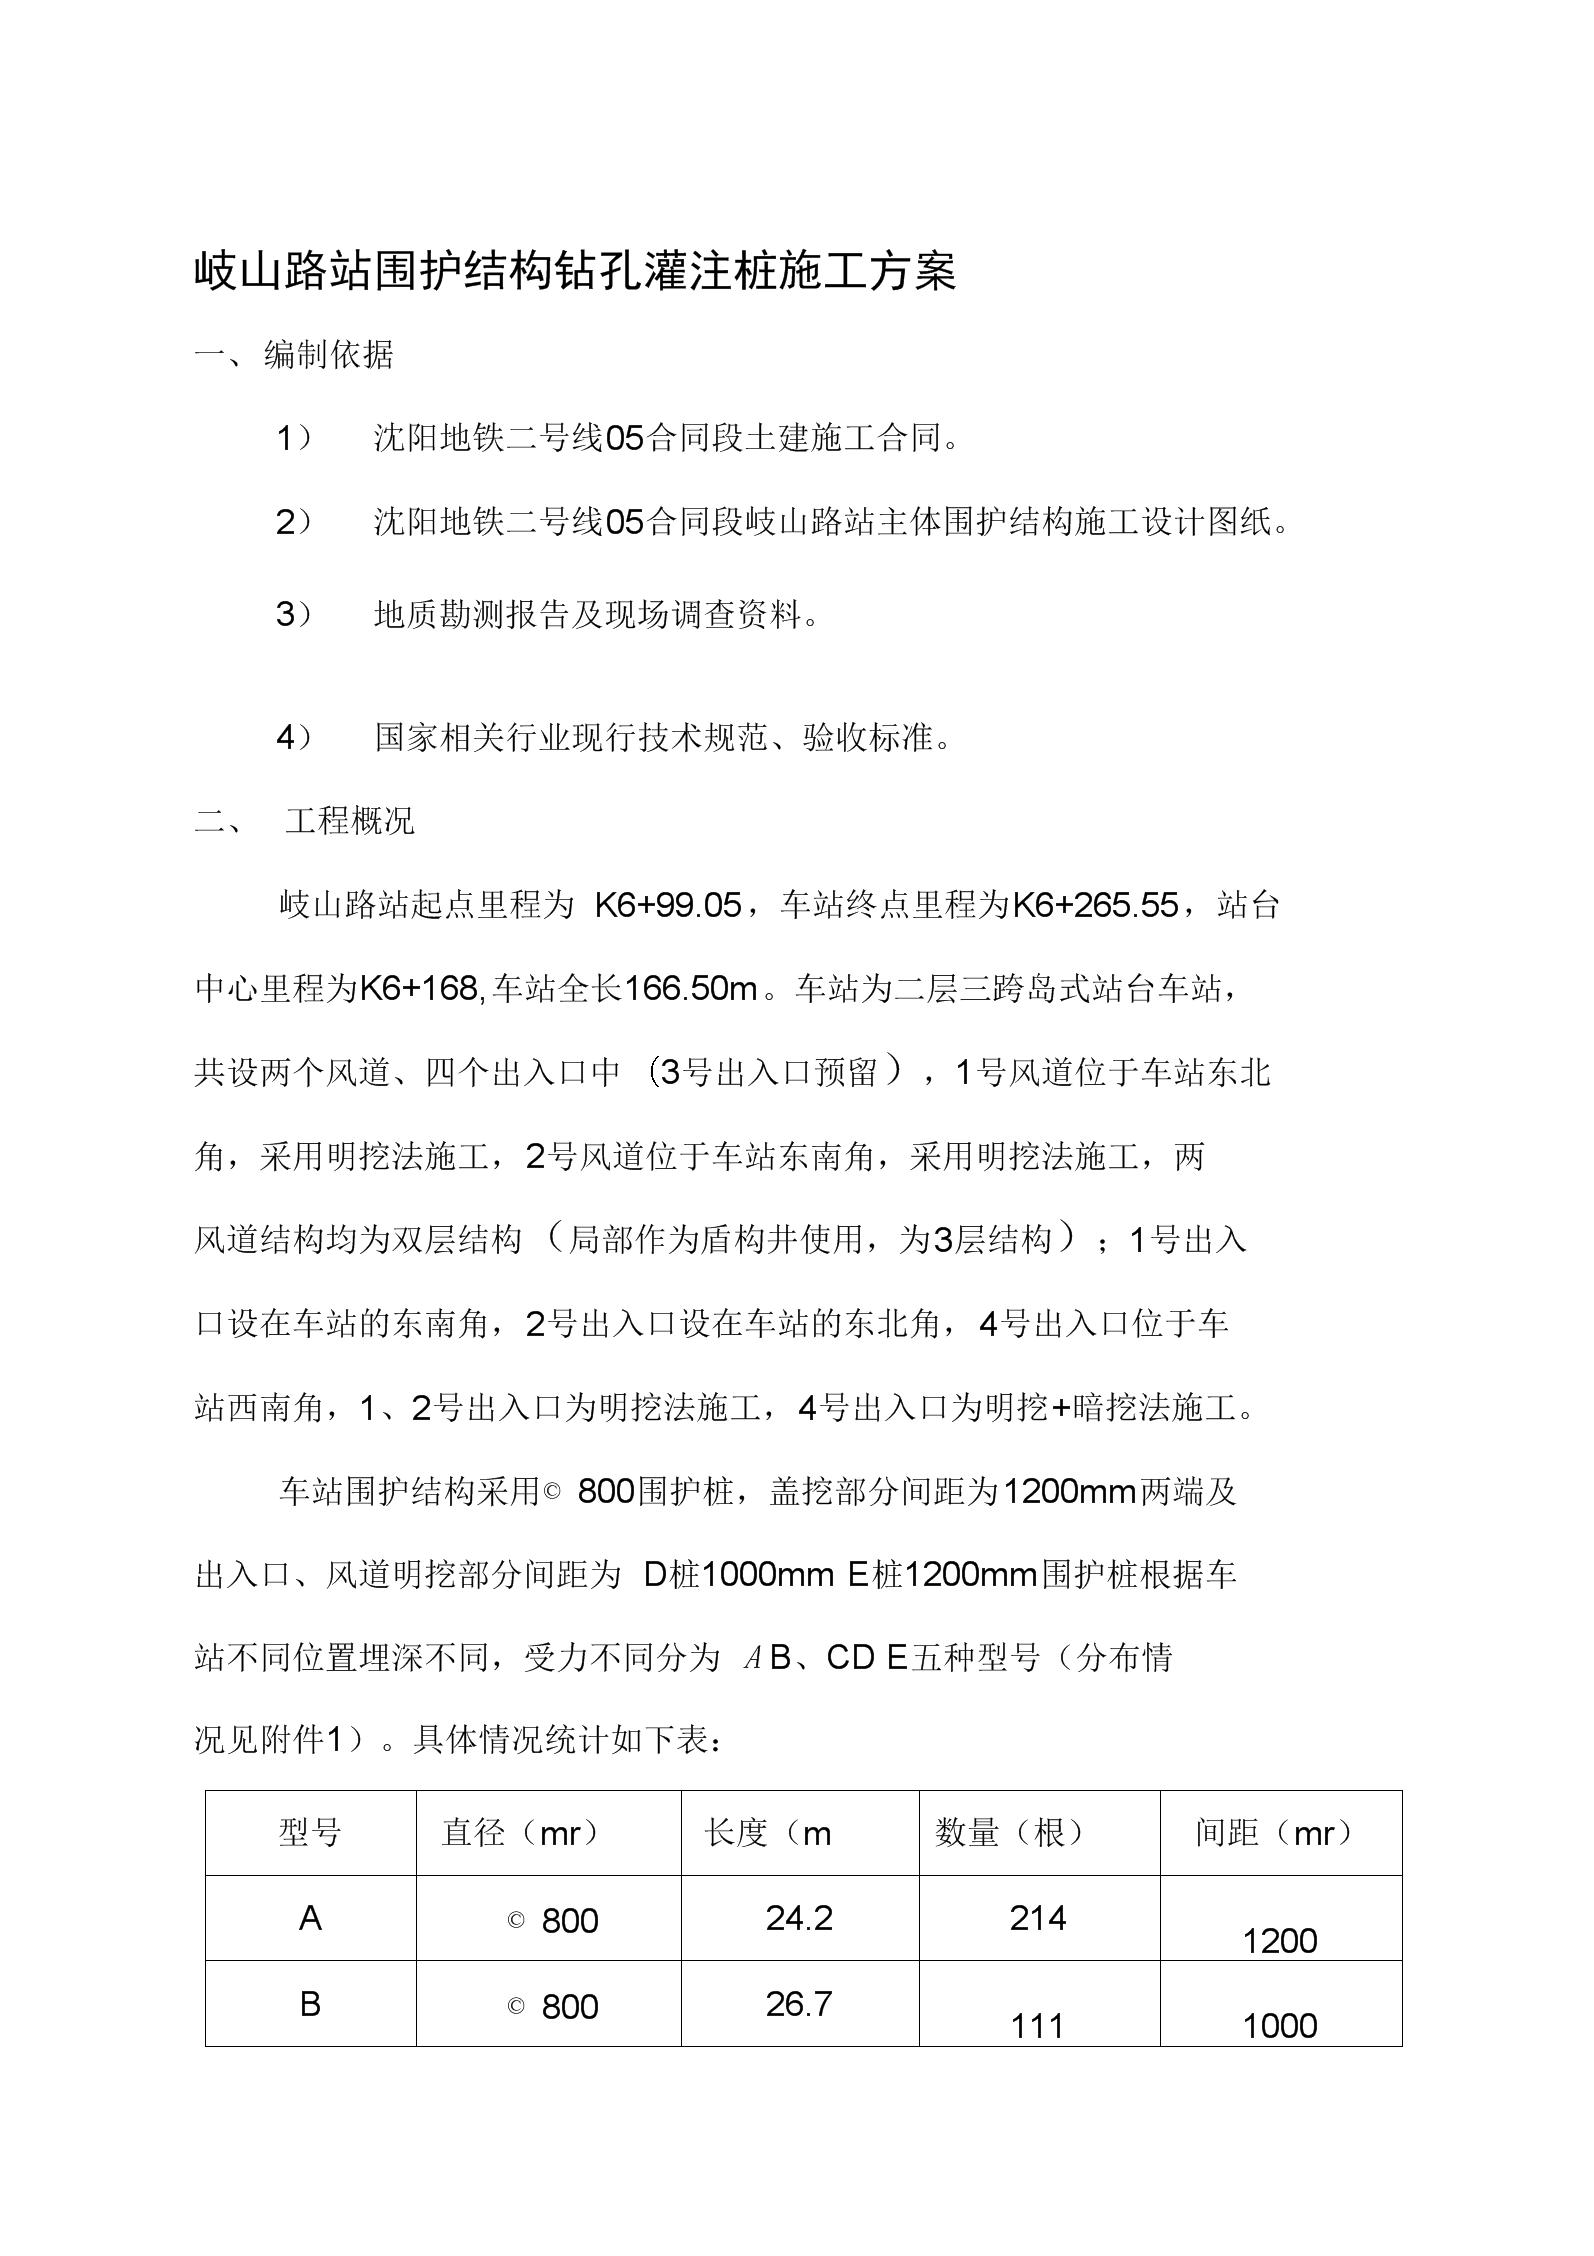 围护钻孔灌注桩施工方案.doc.docx